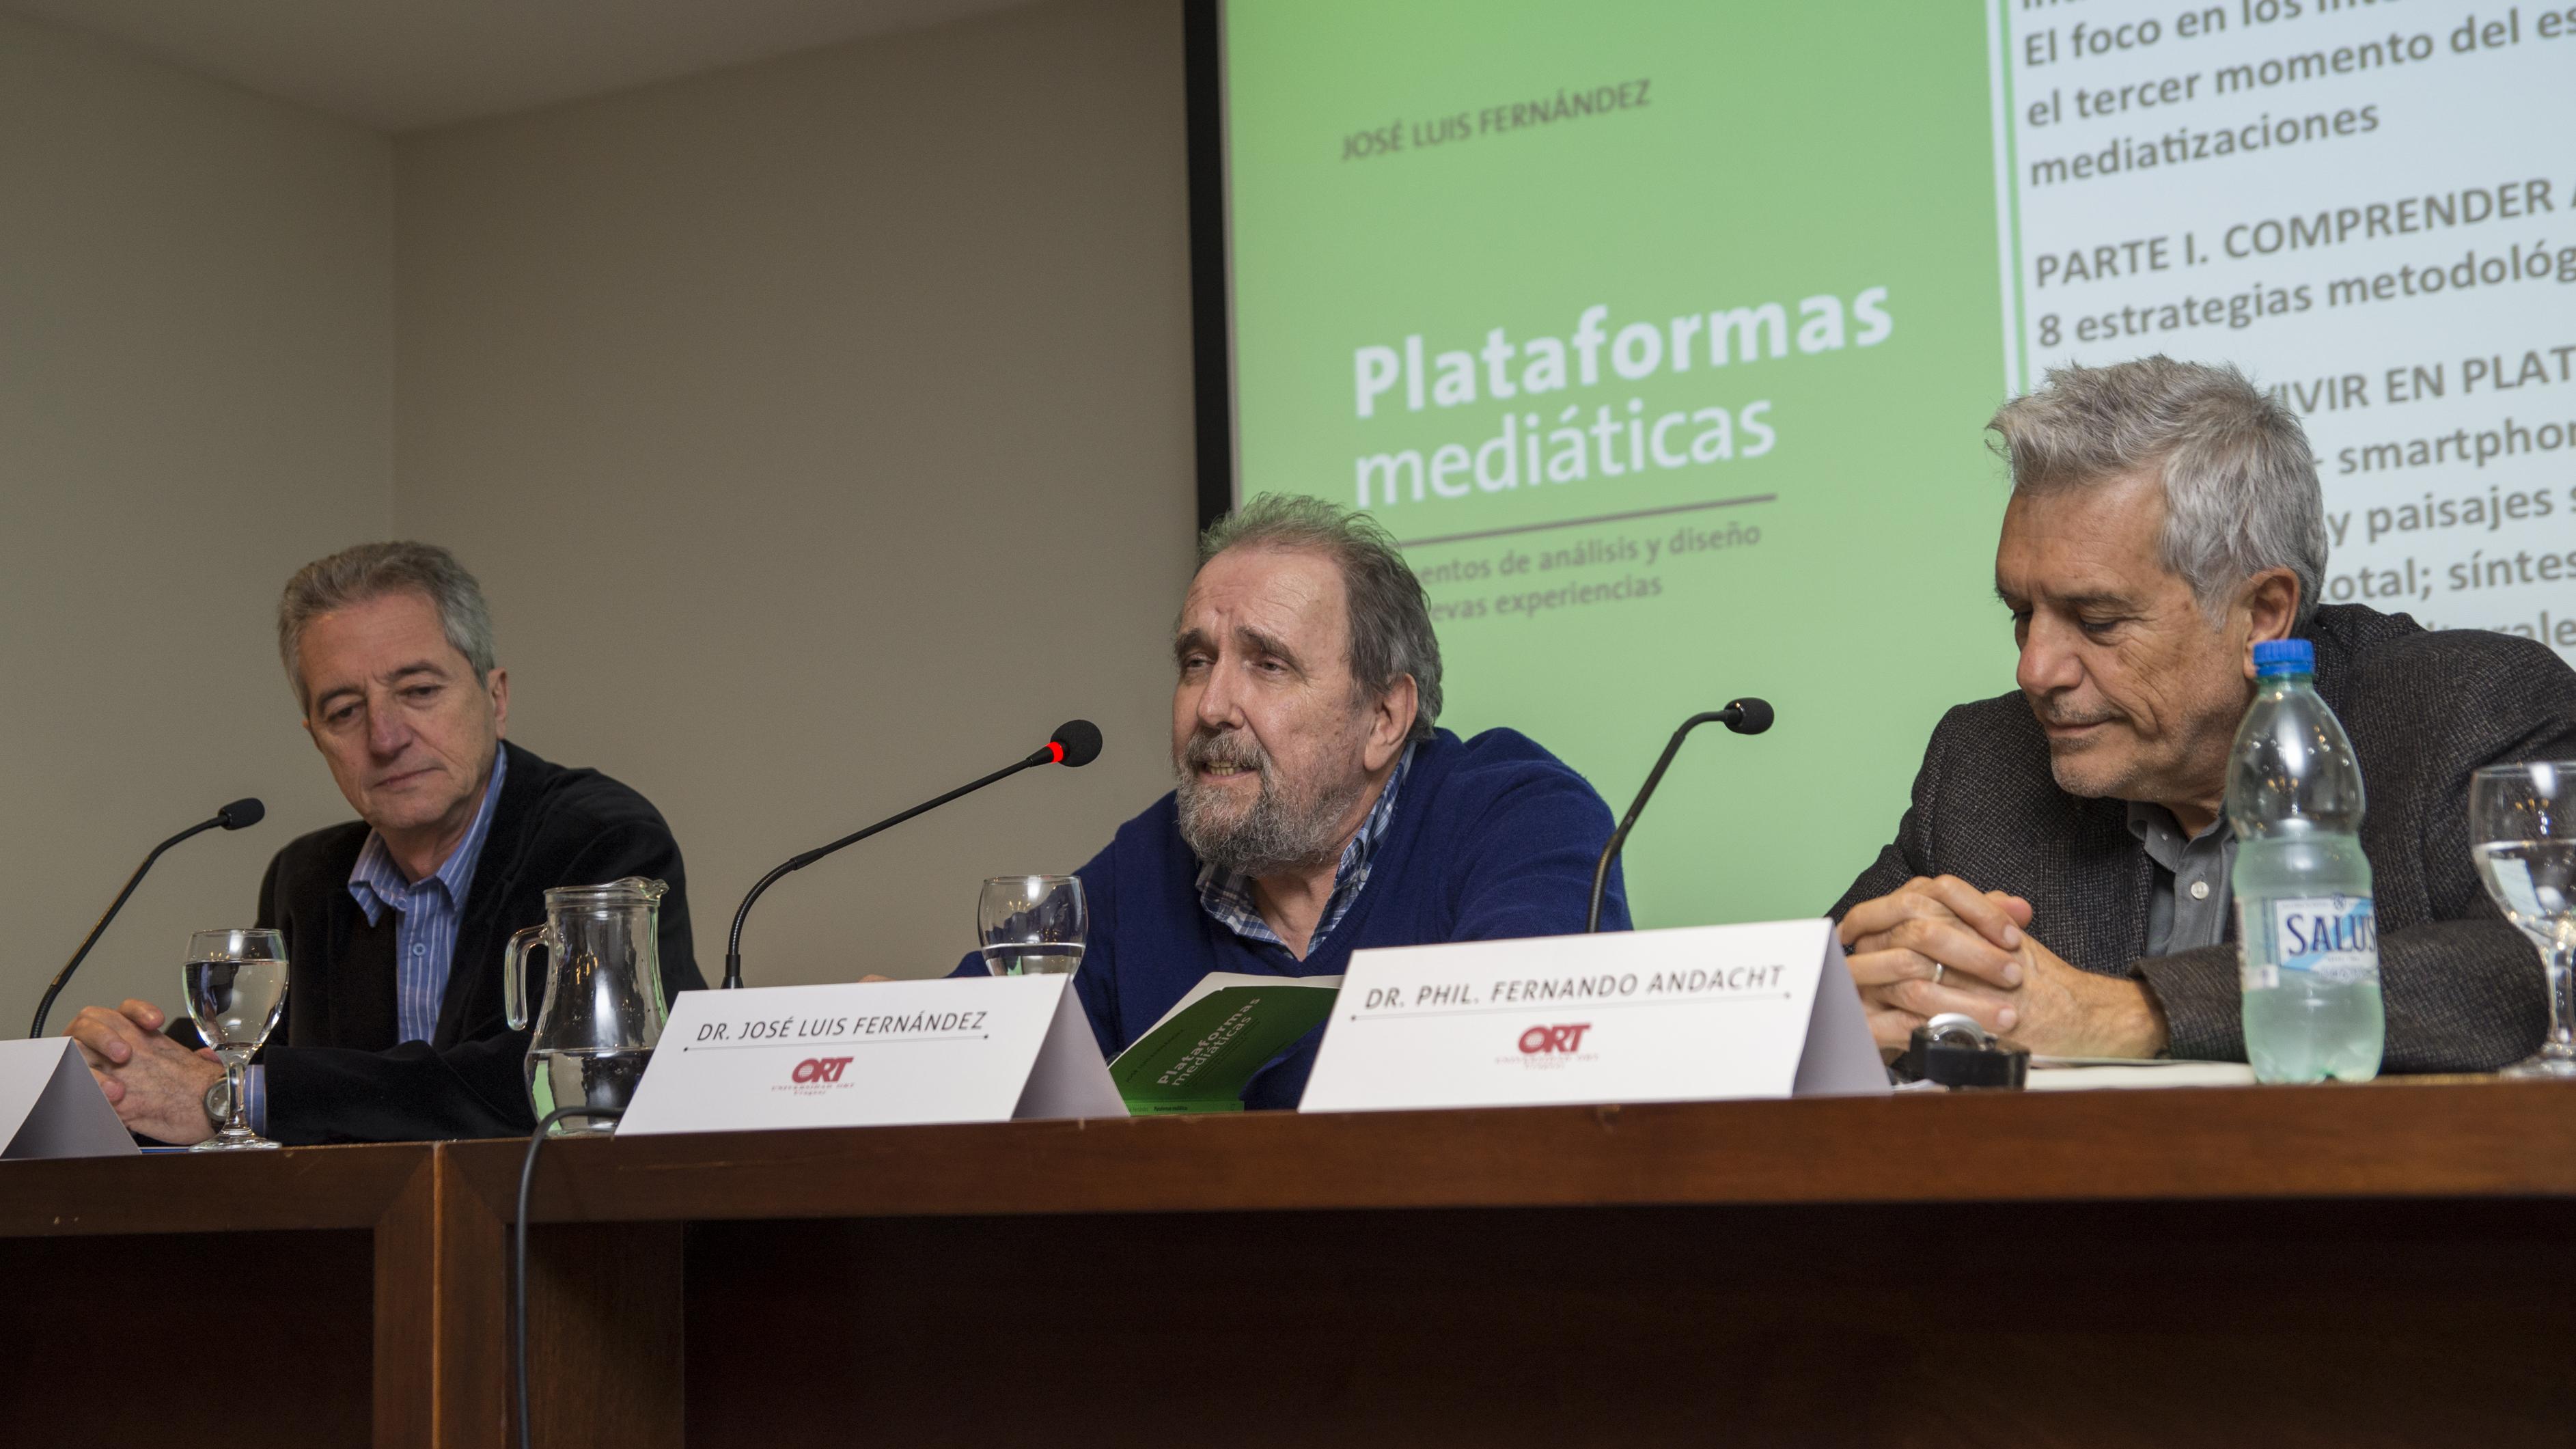 Plataformas mediáticas - junio 2018